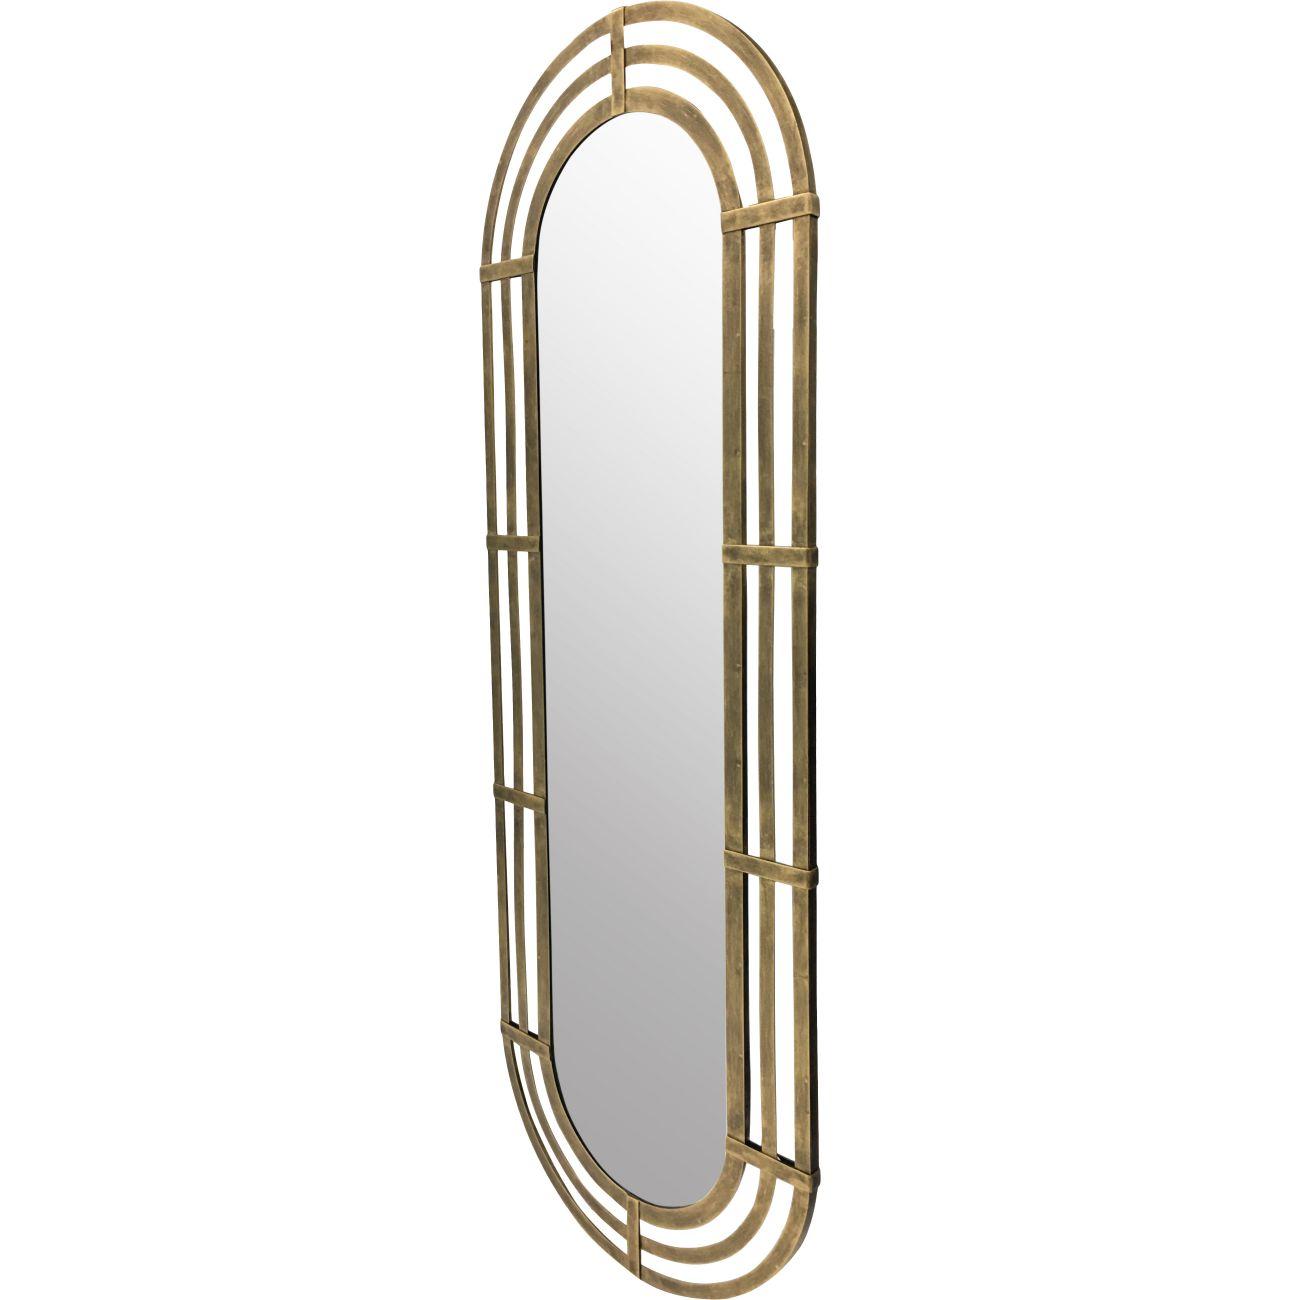 Lalique Oval Mirror